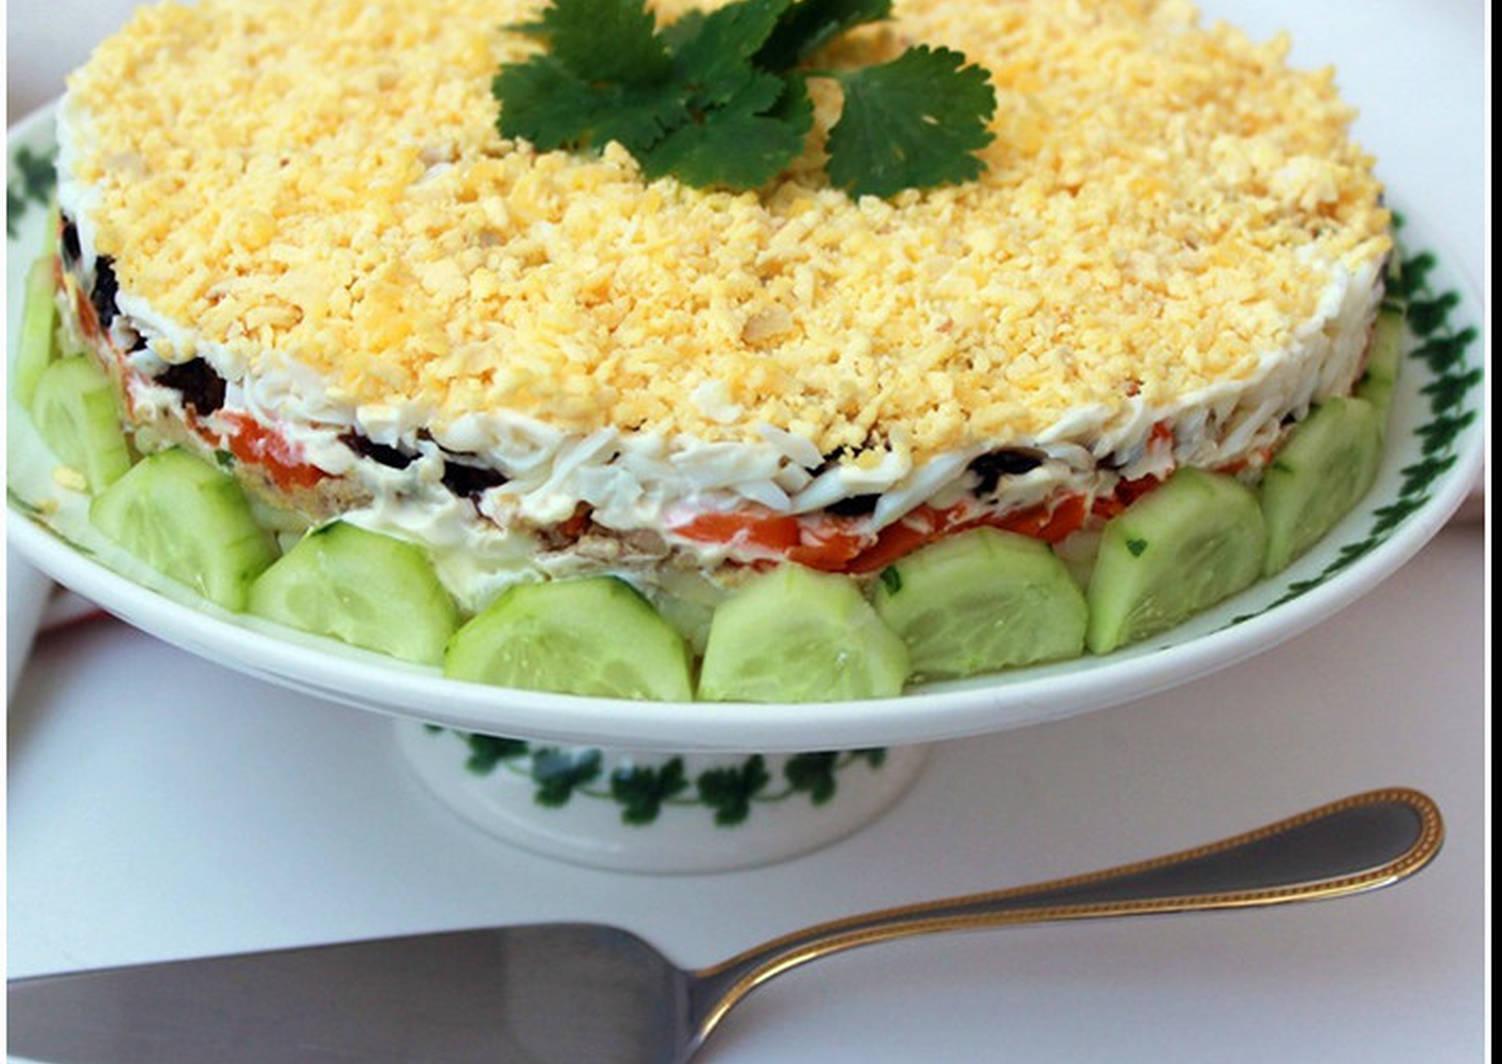 салат на праздник рецепт с фото рамок